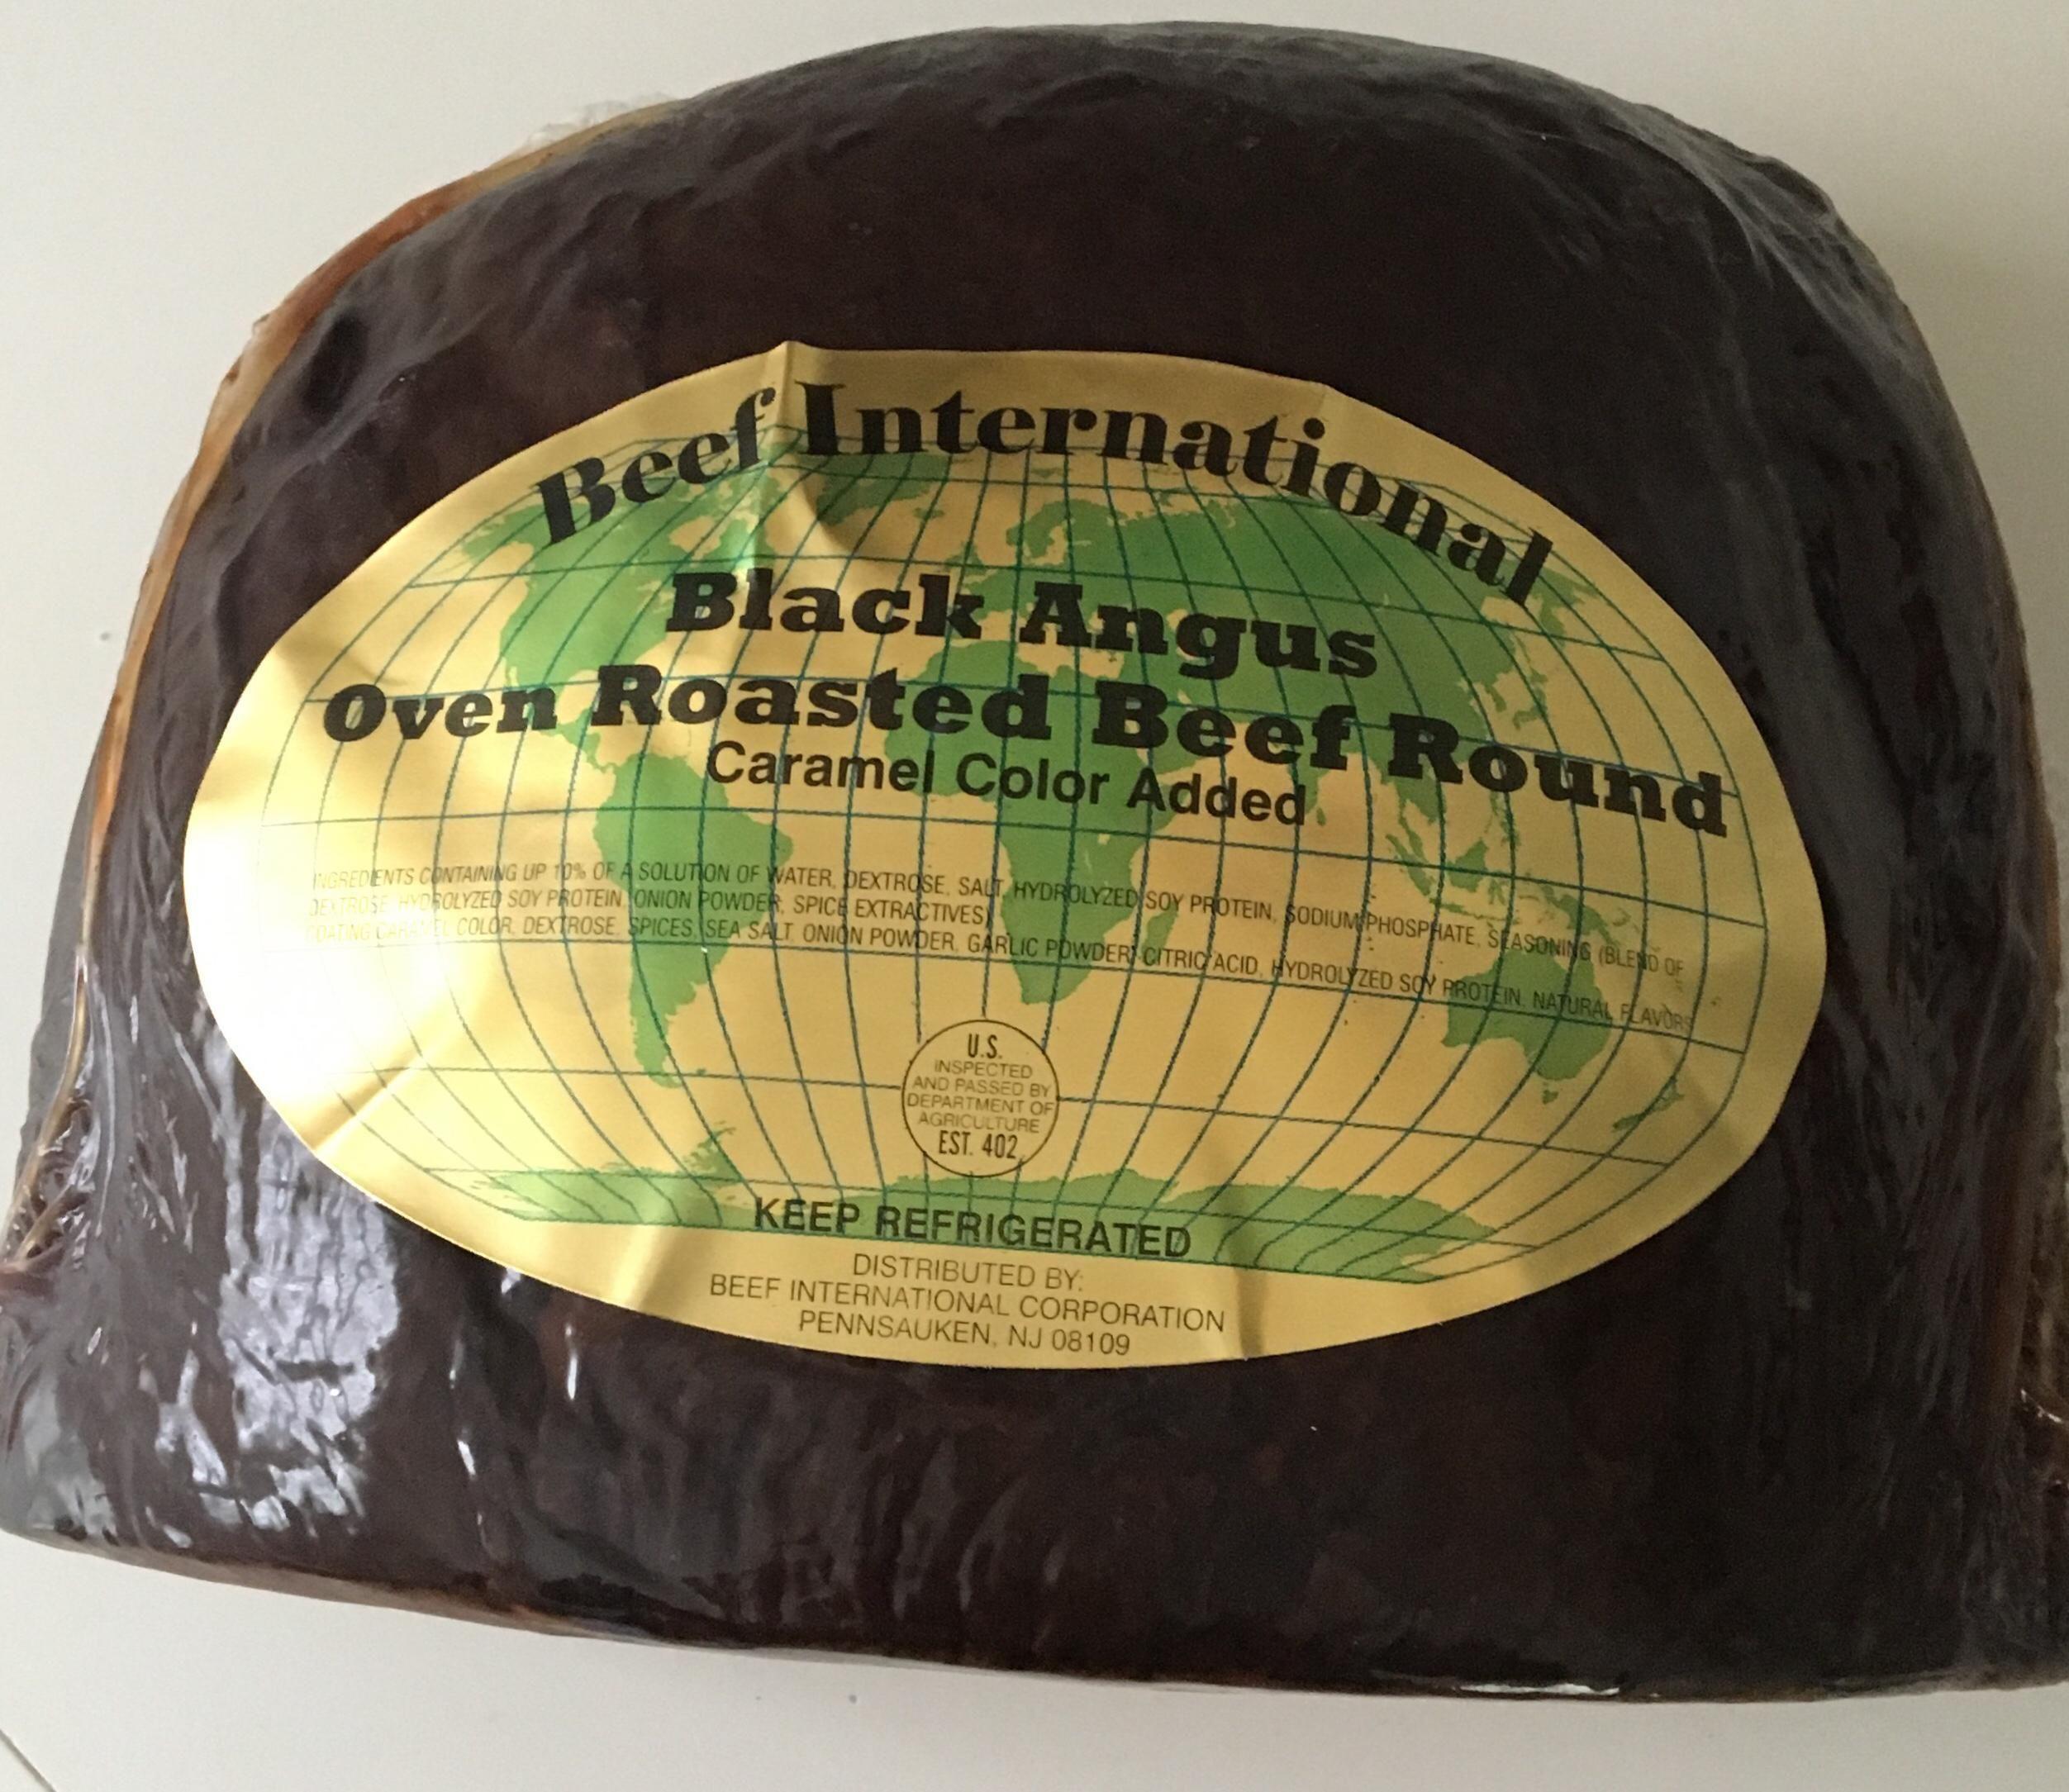 Black angus roast beef that is cooked in pennsauken new